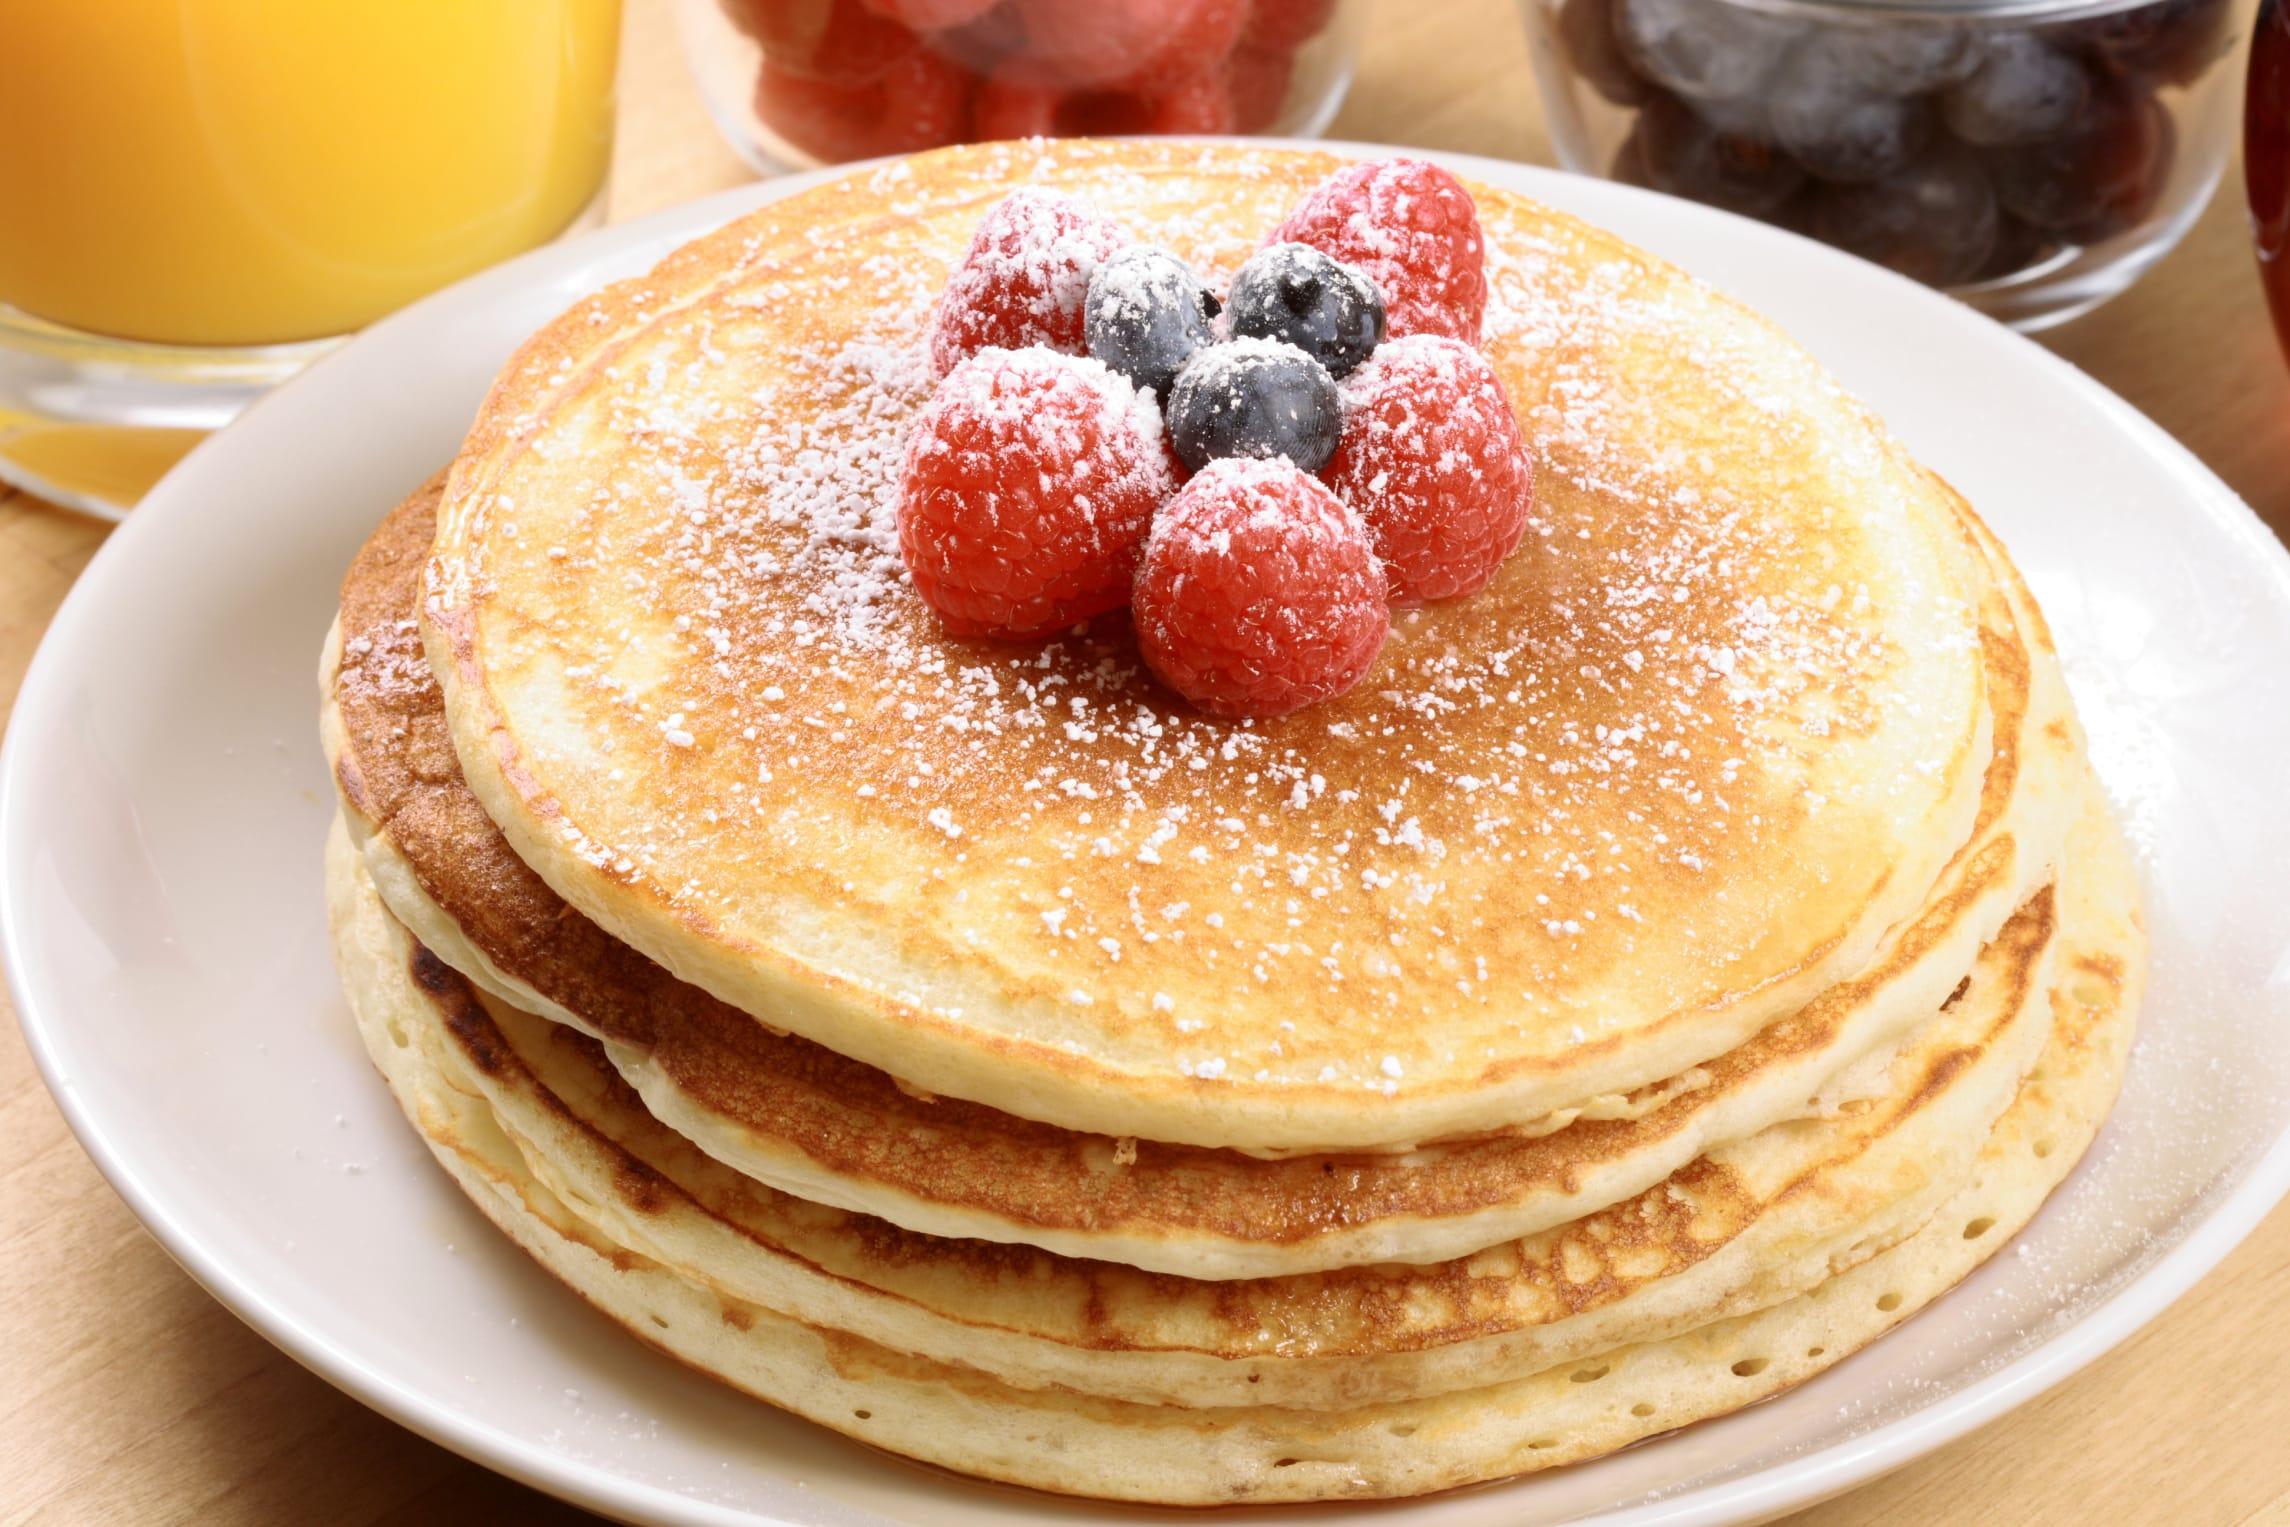 La ricetta per preparare in casa i pancakes